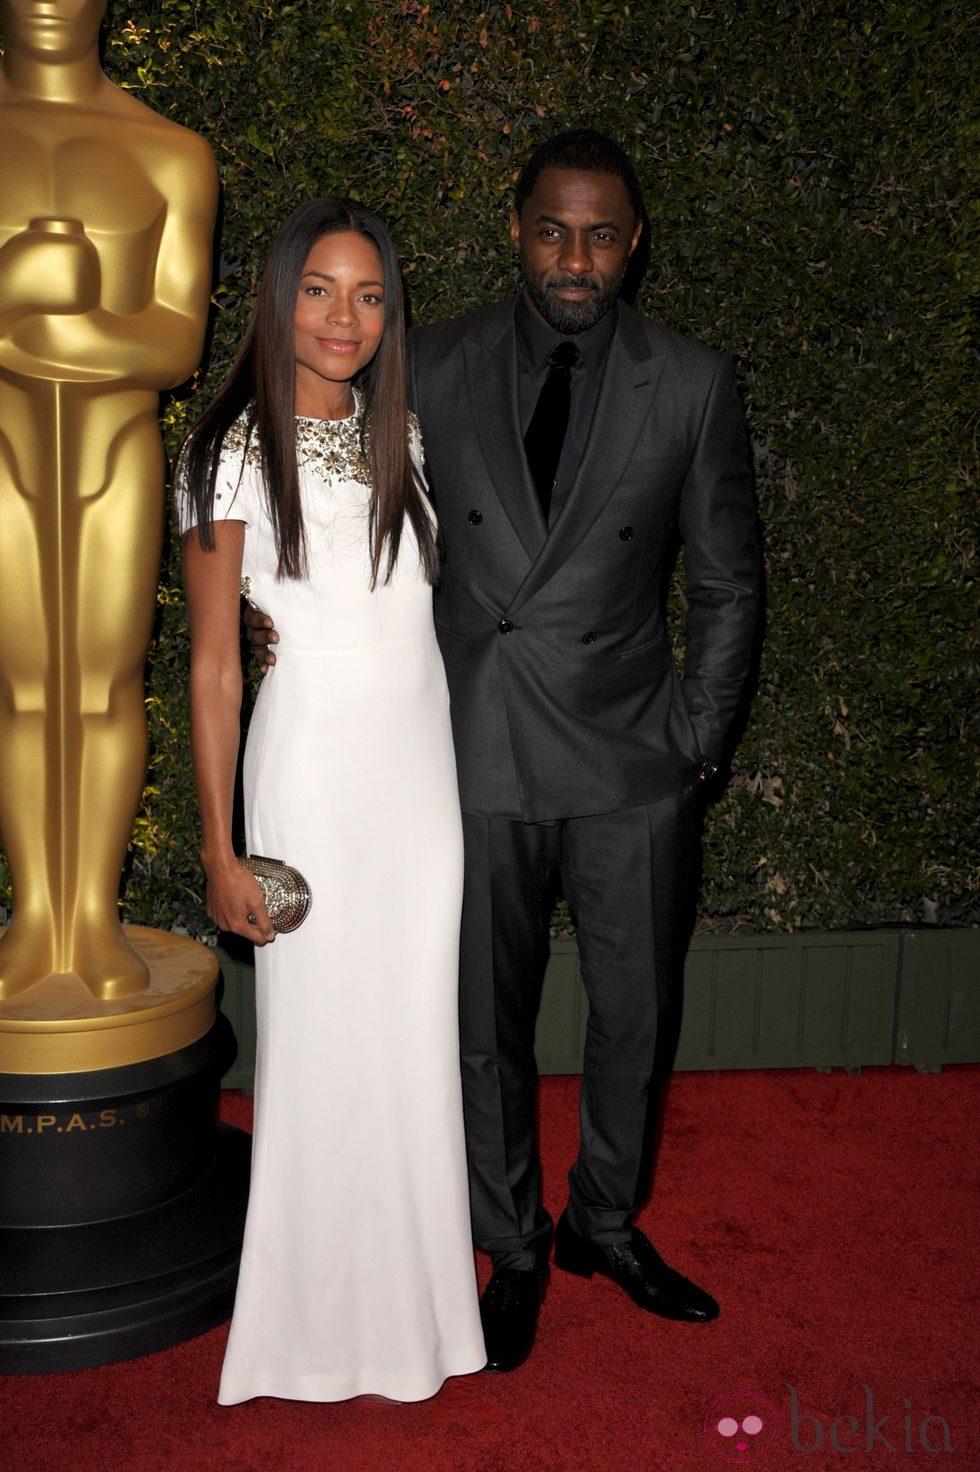 Naomie Harris y Idris Elba en la ceremonia de entrega de los Governors Awards 2013